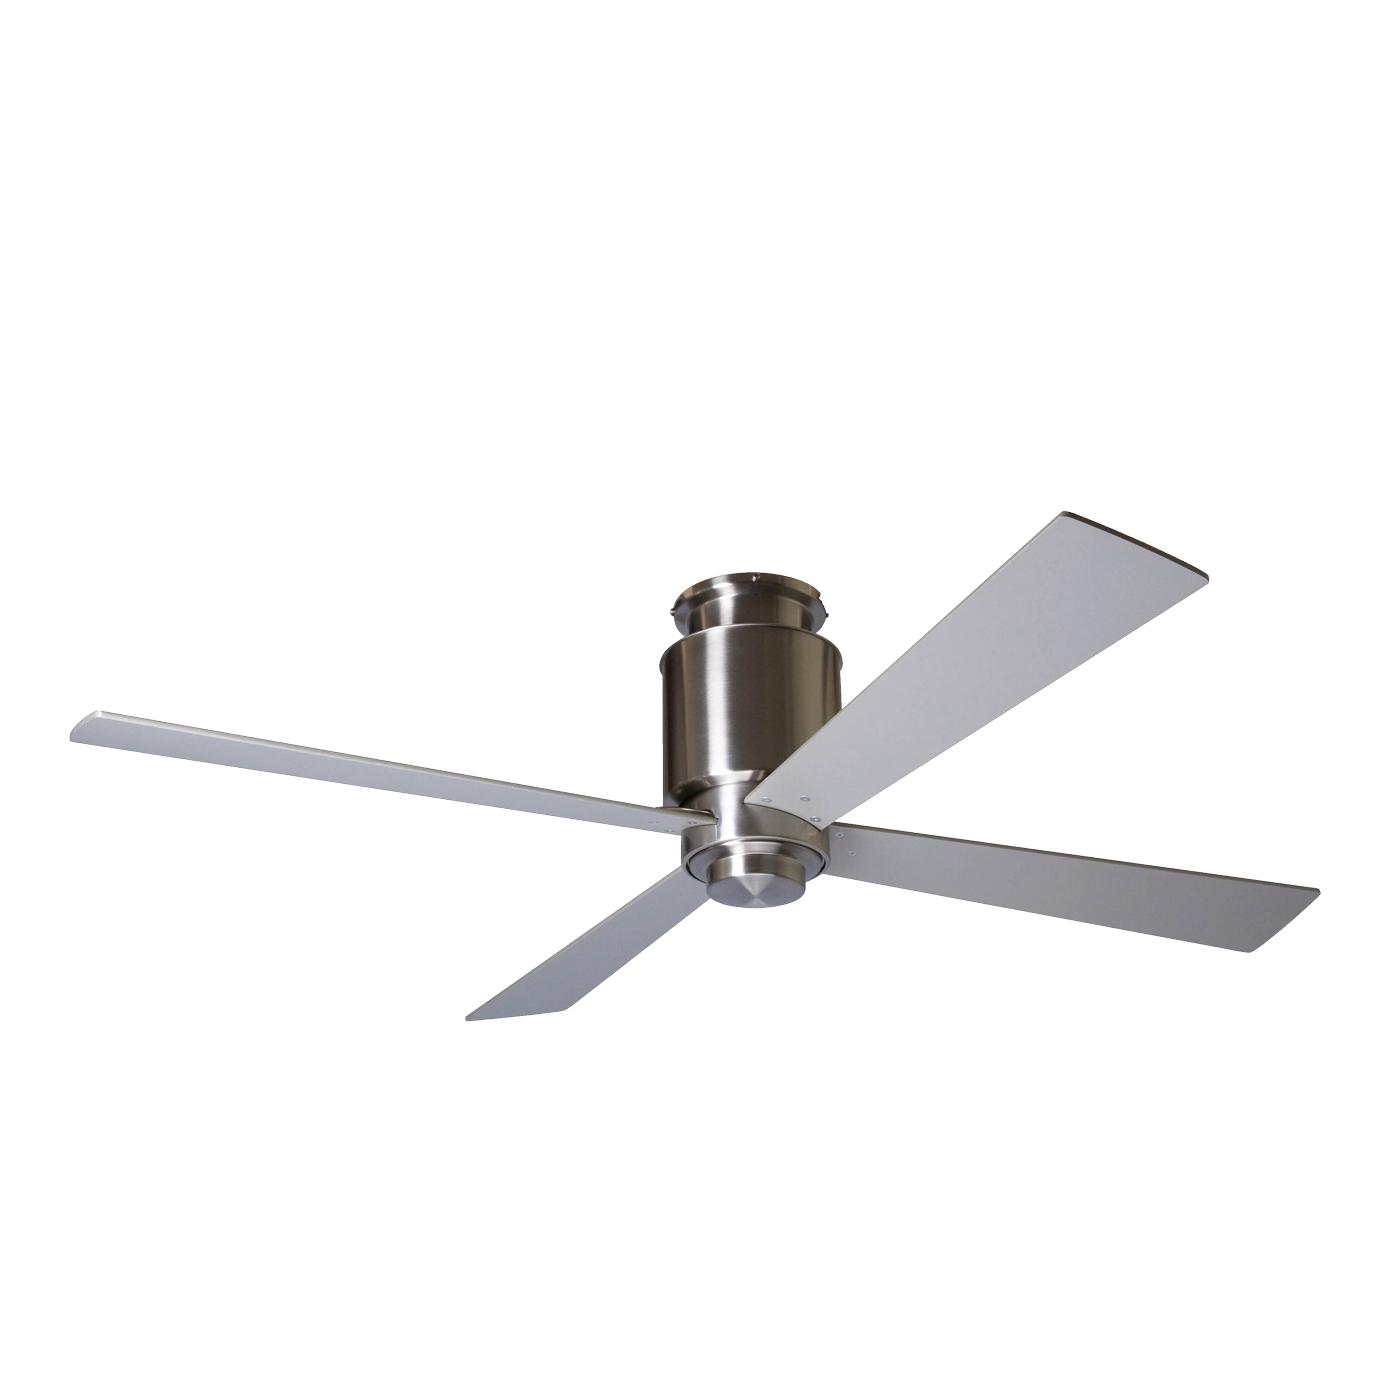 Lapa Hugger Ceiling Fan (Optional Light)